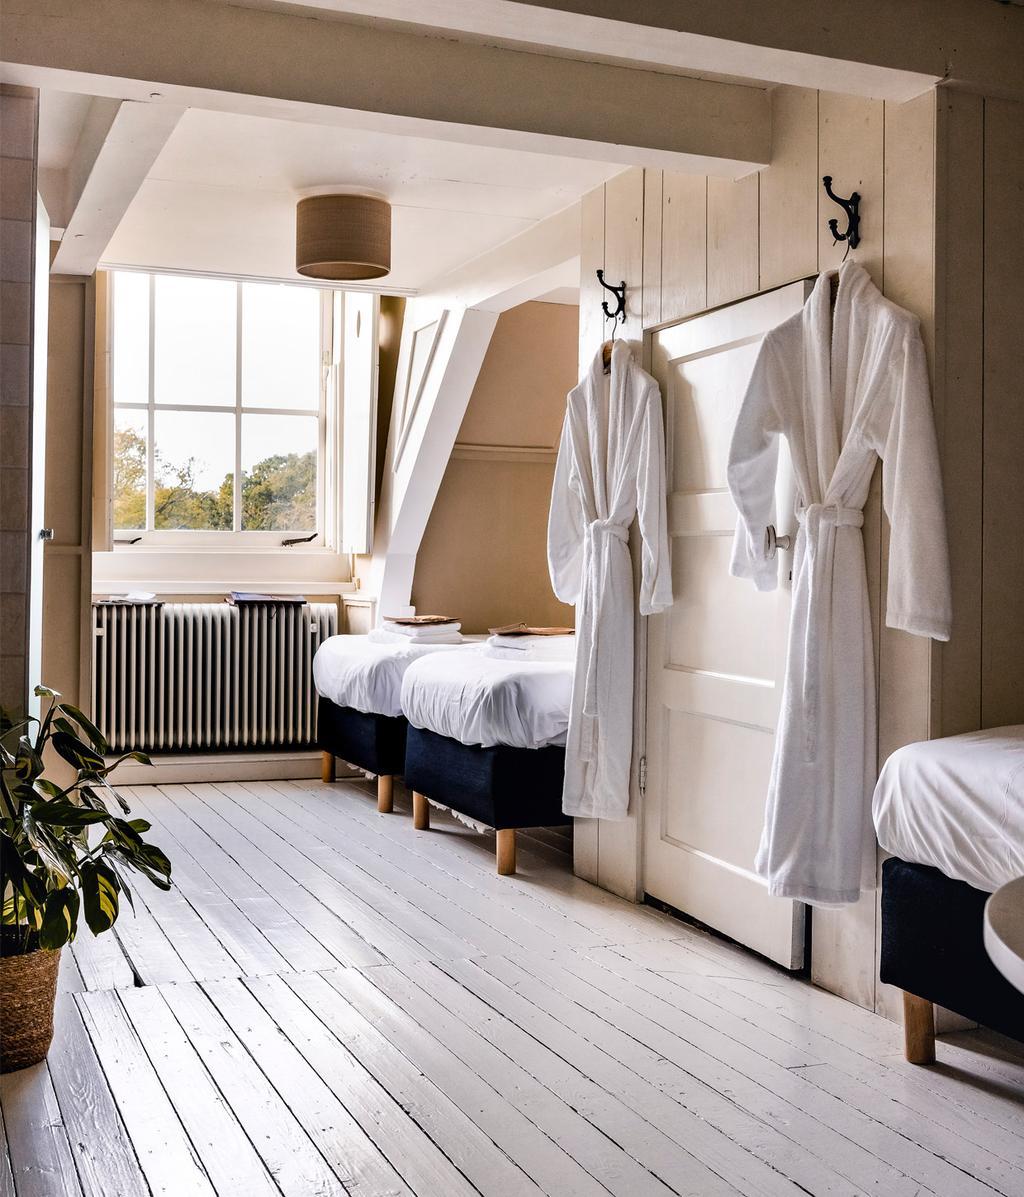 Hotelkamer | Licht | vtwonen 01-2021